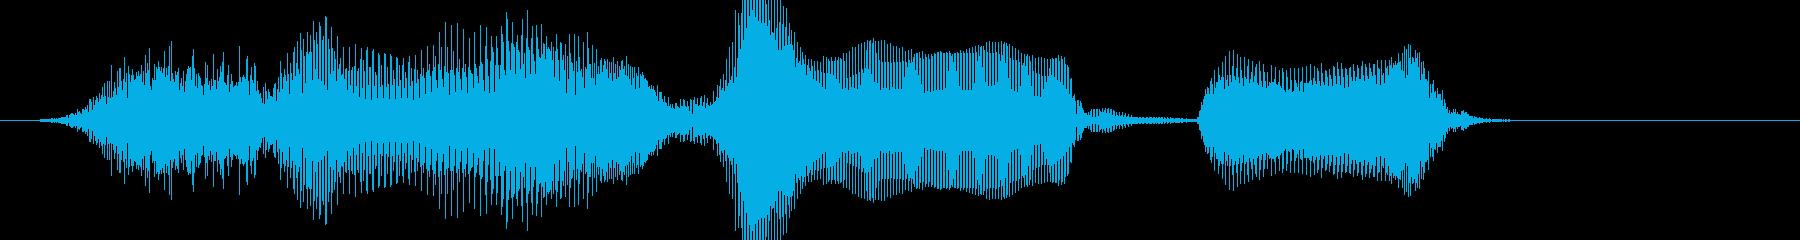 水曜日_かわいいの再生済みの波形